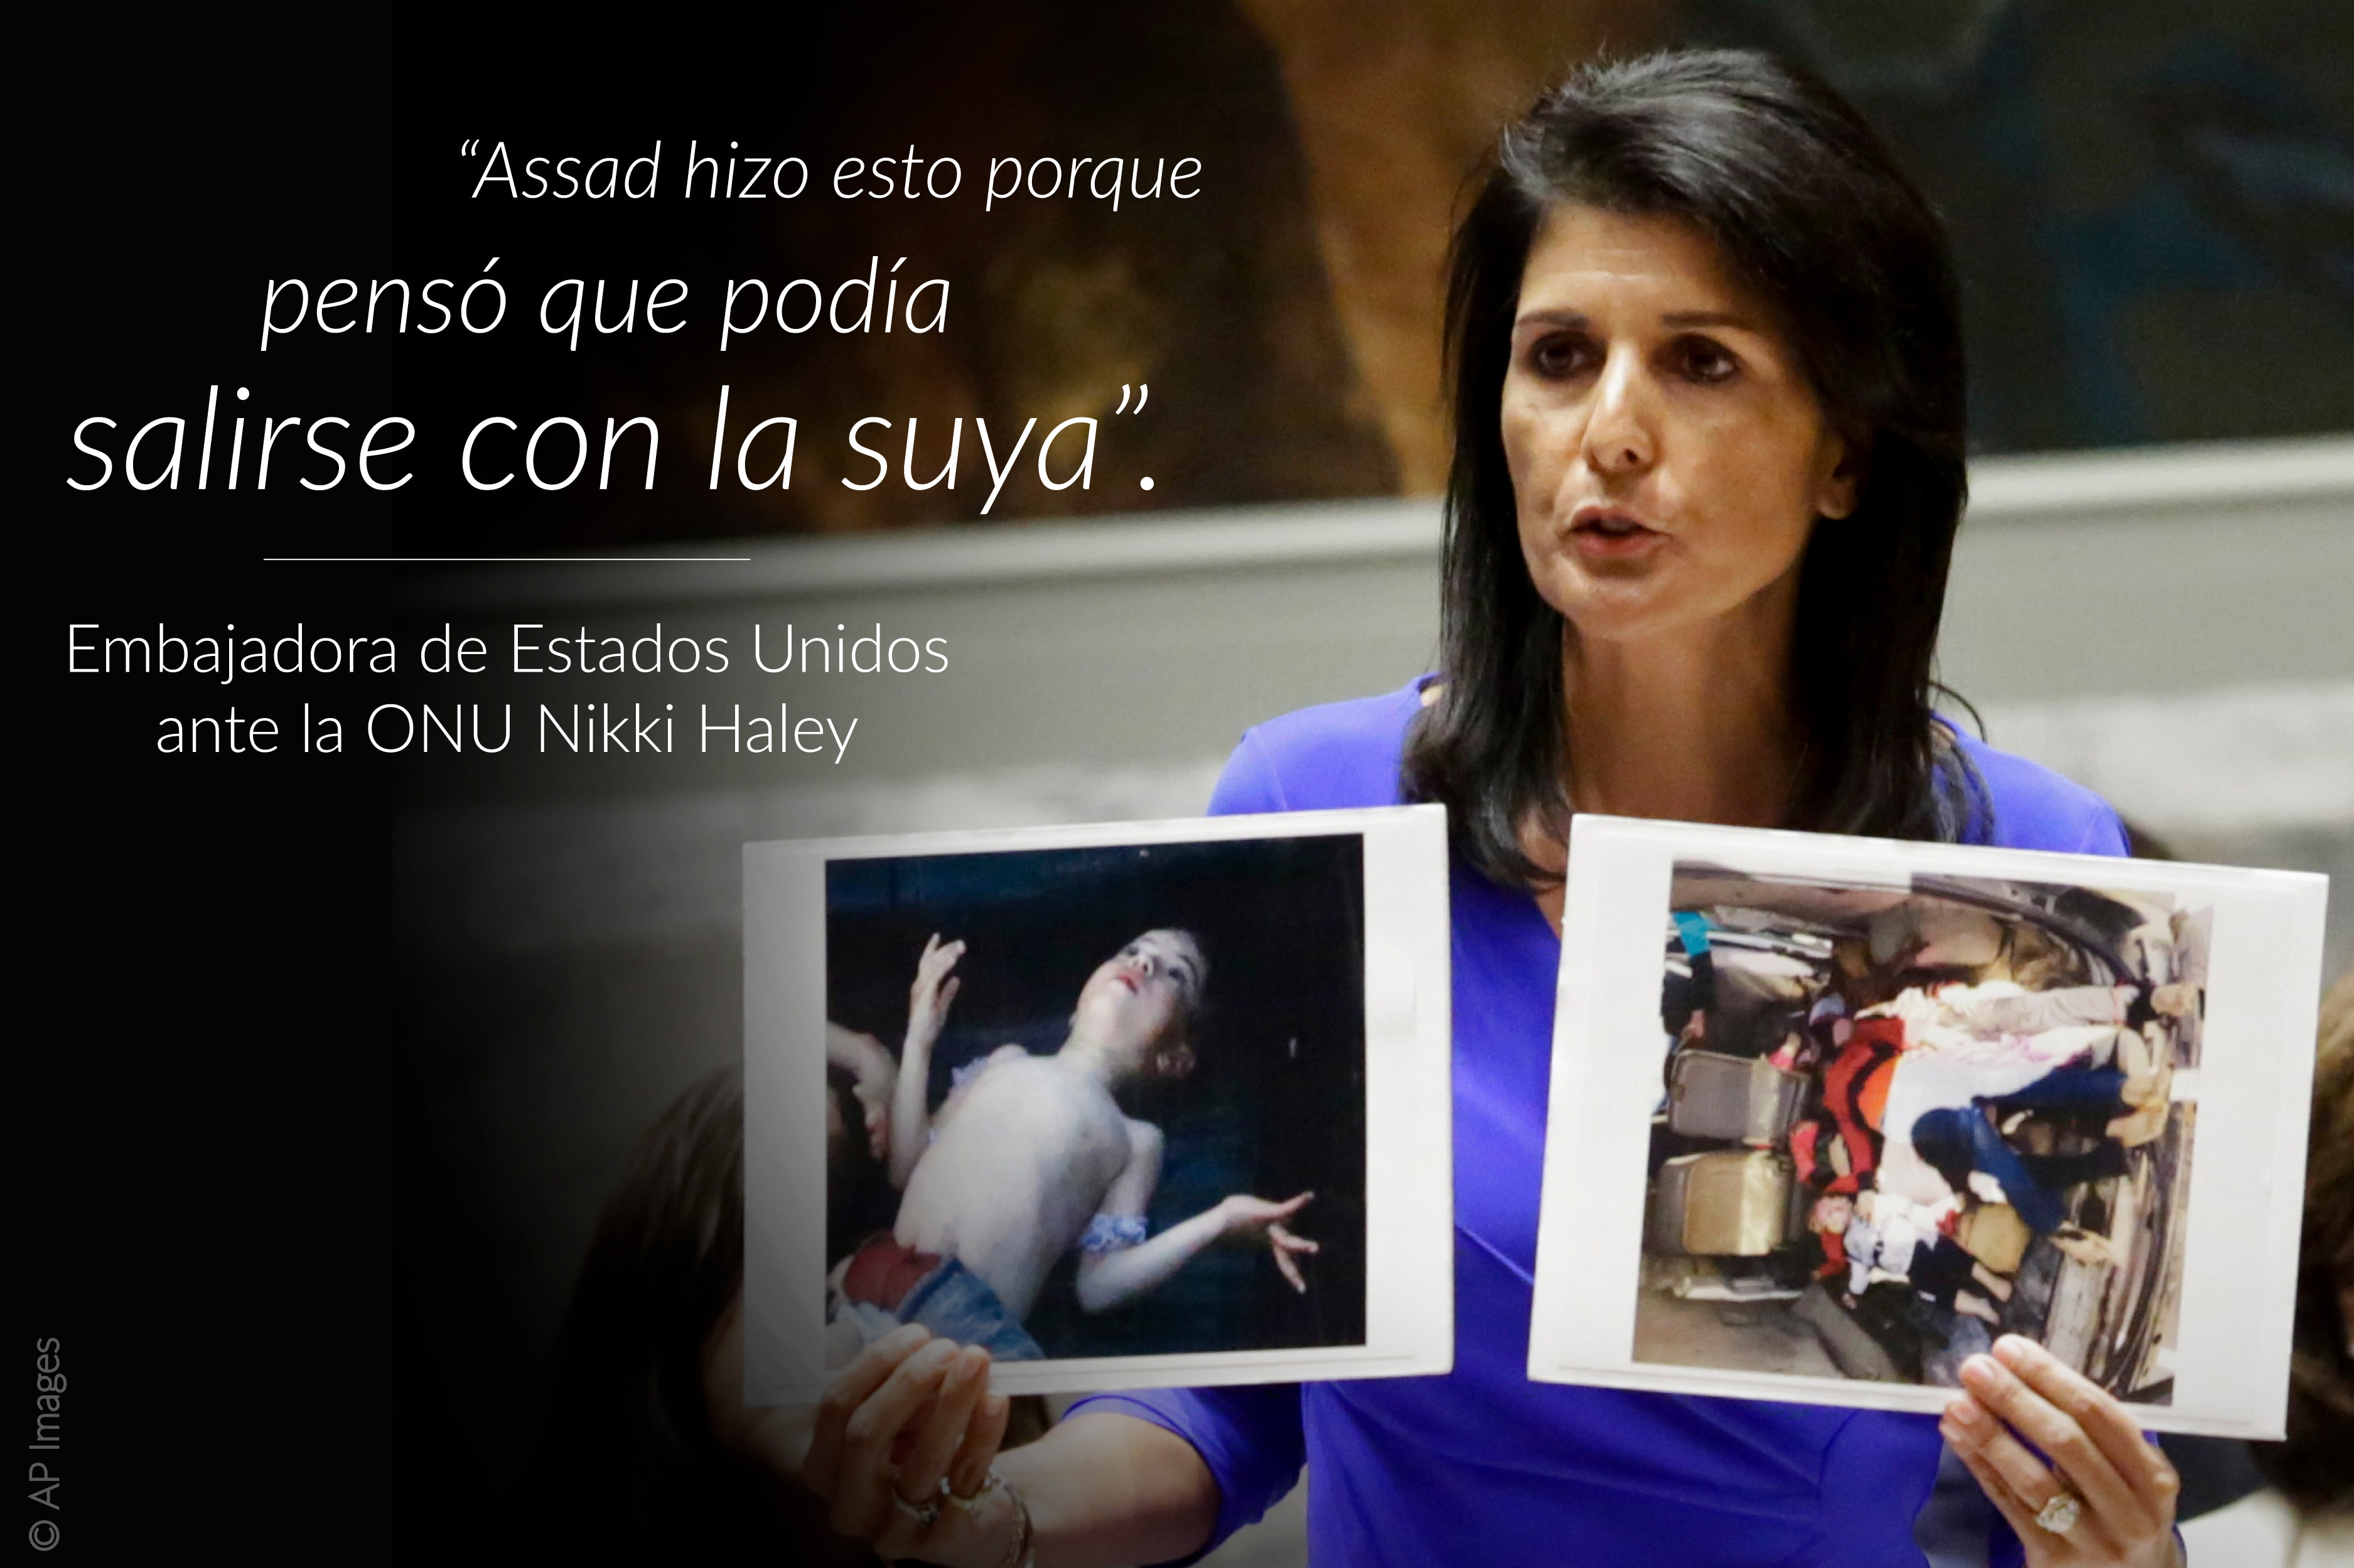 La representante permanente de Estados Unidos ante la ONU Nikki Haley sostiene fotos de víctimas del ataque con químicos; a la izquierda una cita sobrepuesta en la imagen (© AP Images)